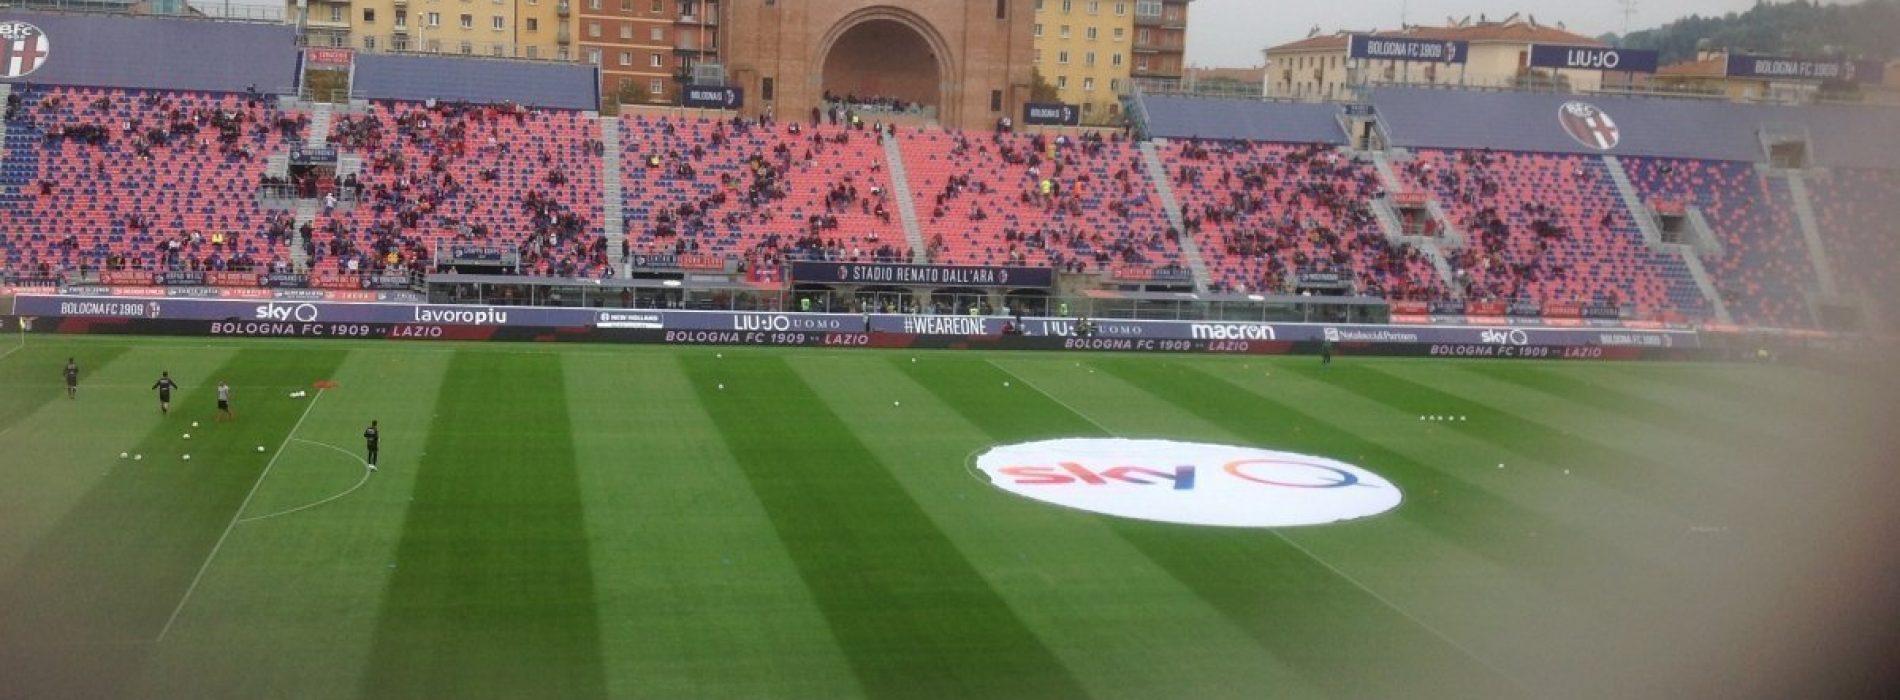 Bologna-Cagliari, al Dall'Ara non ci si annoia: così il match